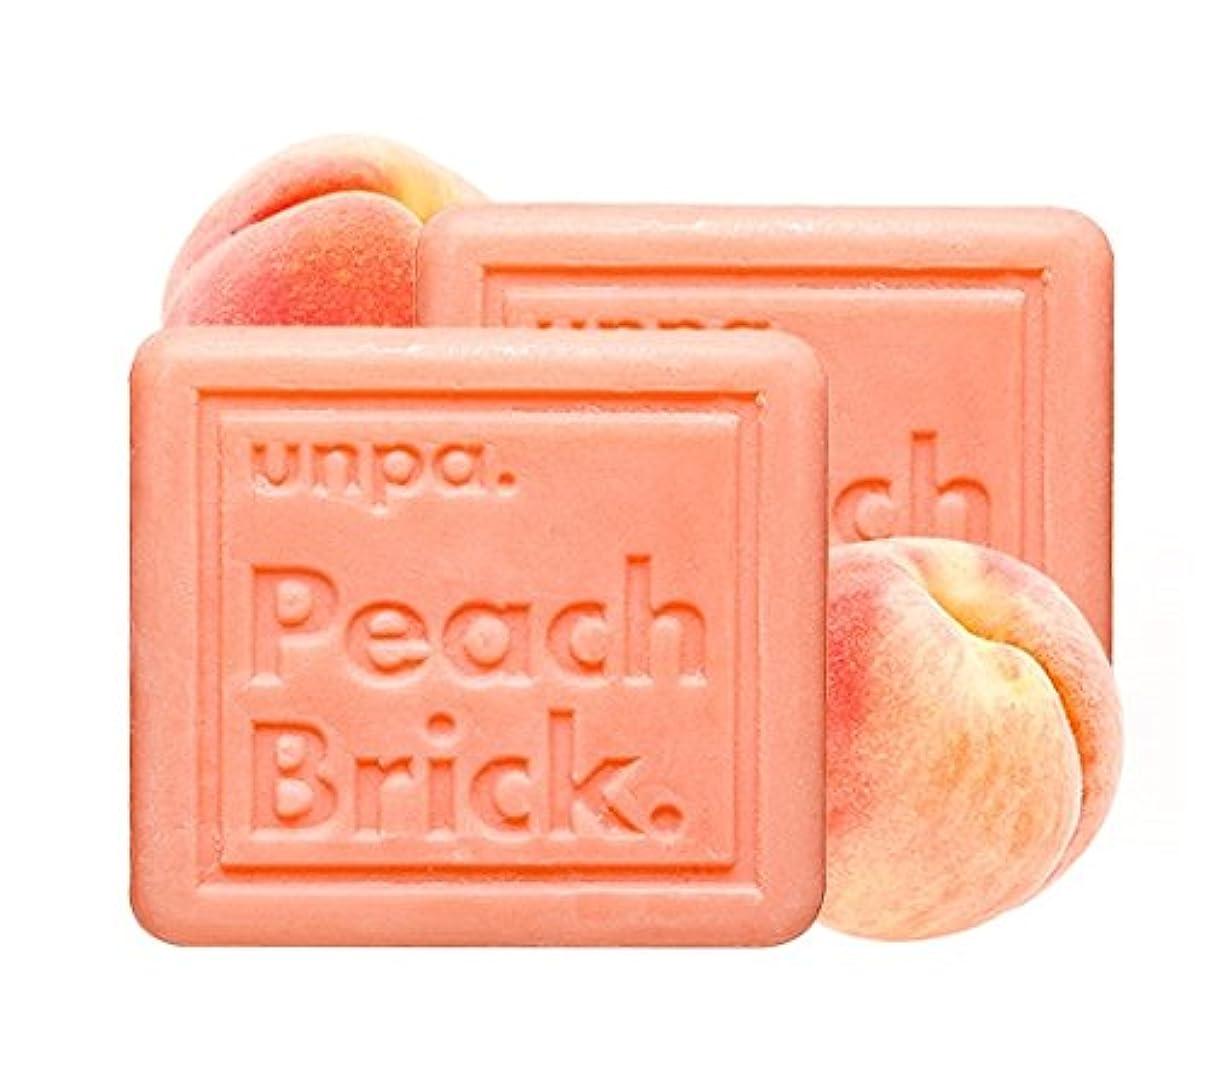 輝くレトルトめまいunpa ピッチ?ブリック?トンアップ?ソープ(Peach Brick Tone-Up Soap)